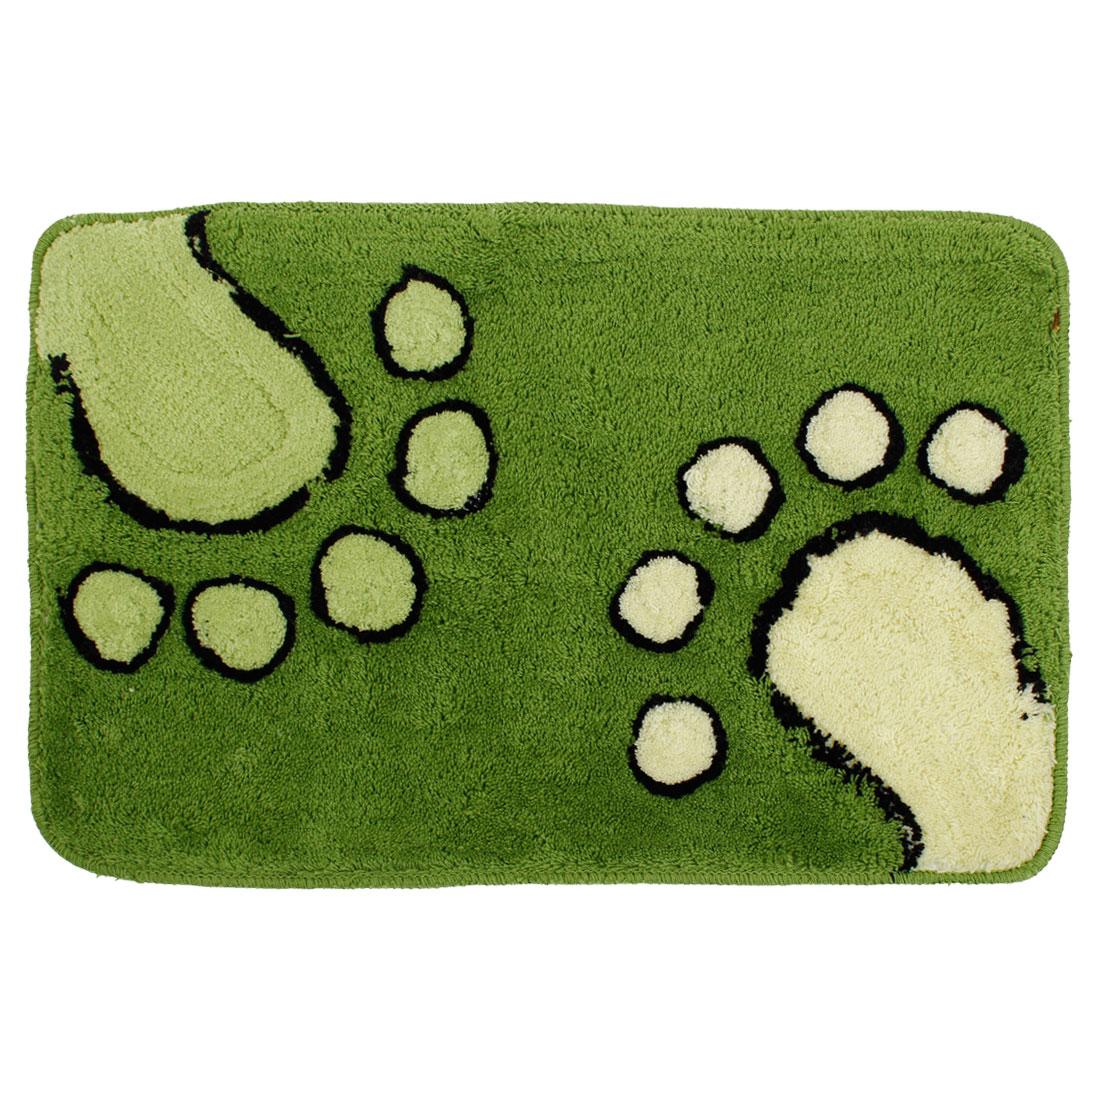 Green Footprints Kitchen Door Floor Mat Area Rug Carpet 60cm x 40cm